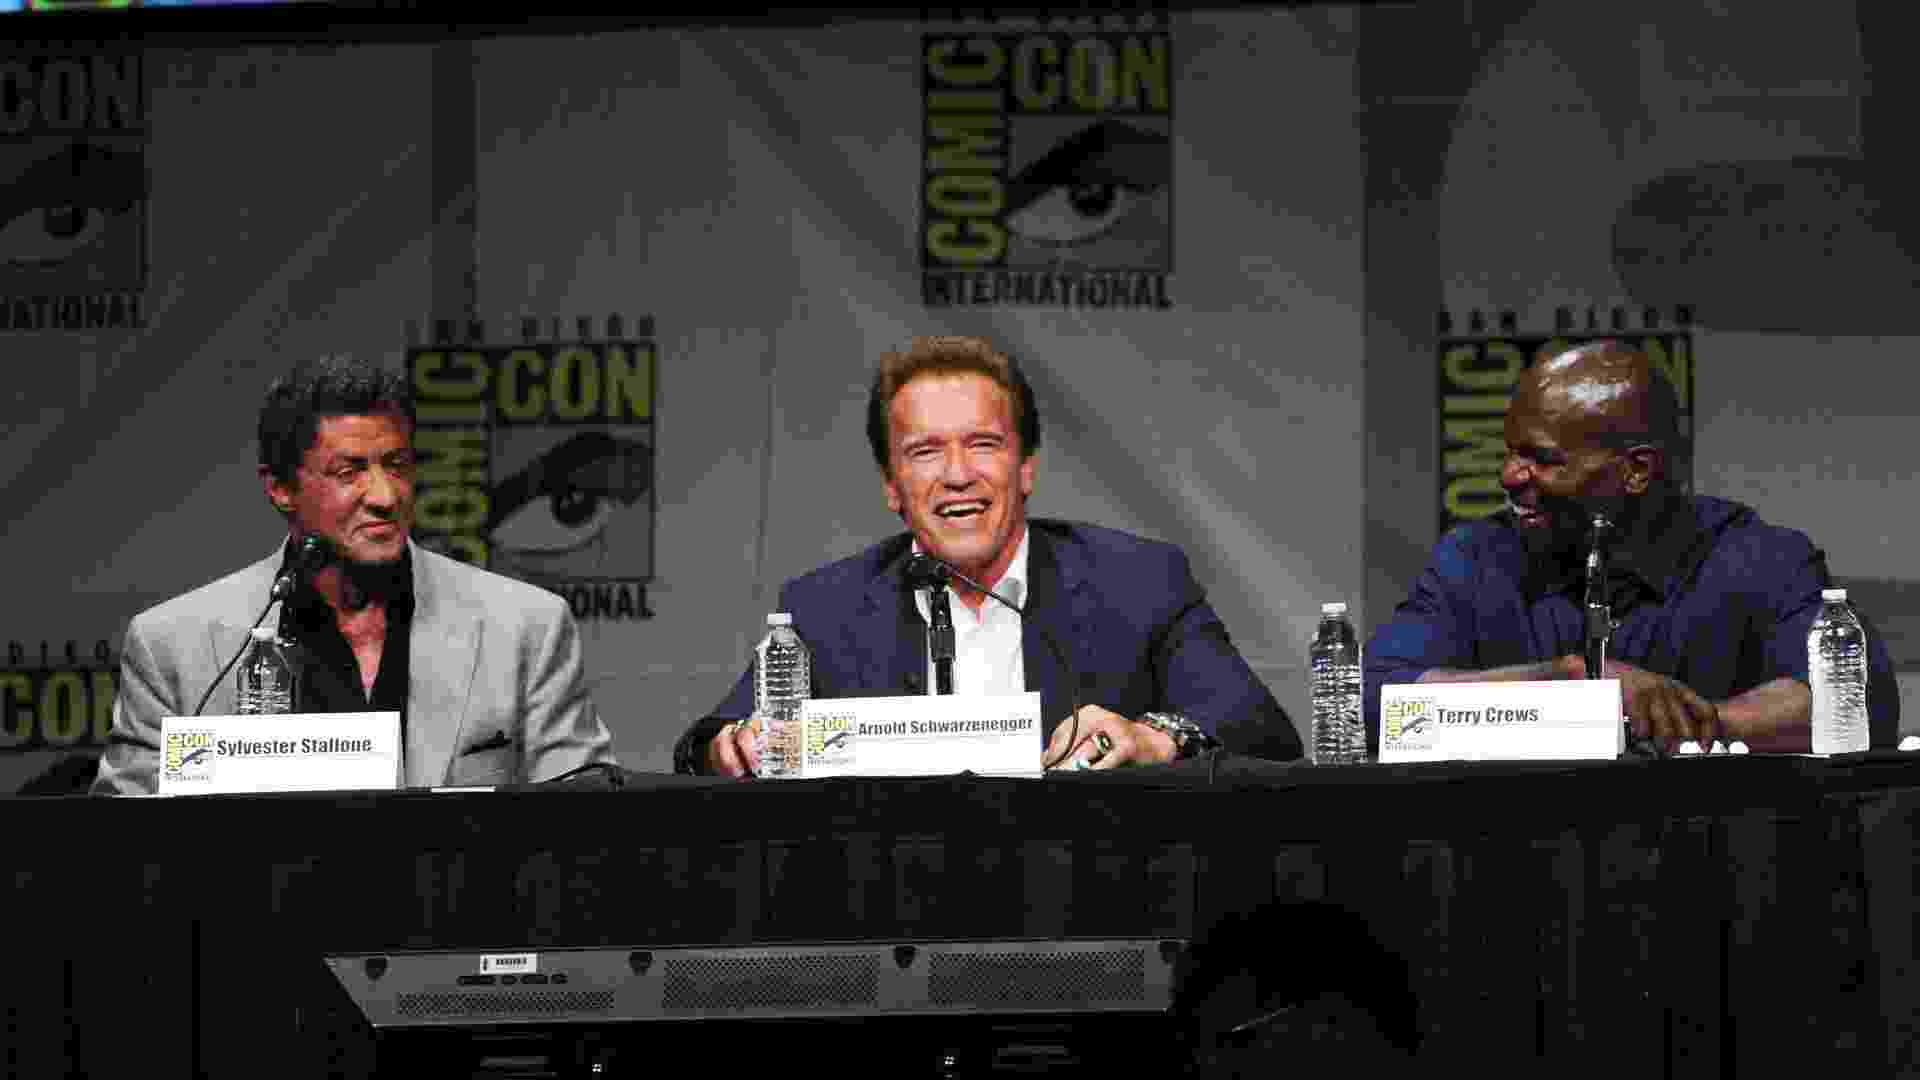 """Sylvester Stallone, Arnold Schwarzenegger e Terry Crews durante o painel de """"Os Mercenários 2"""" (13/7/12) - Getty Images"""